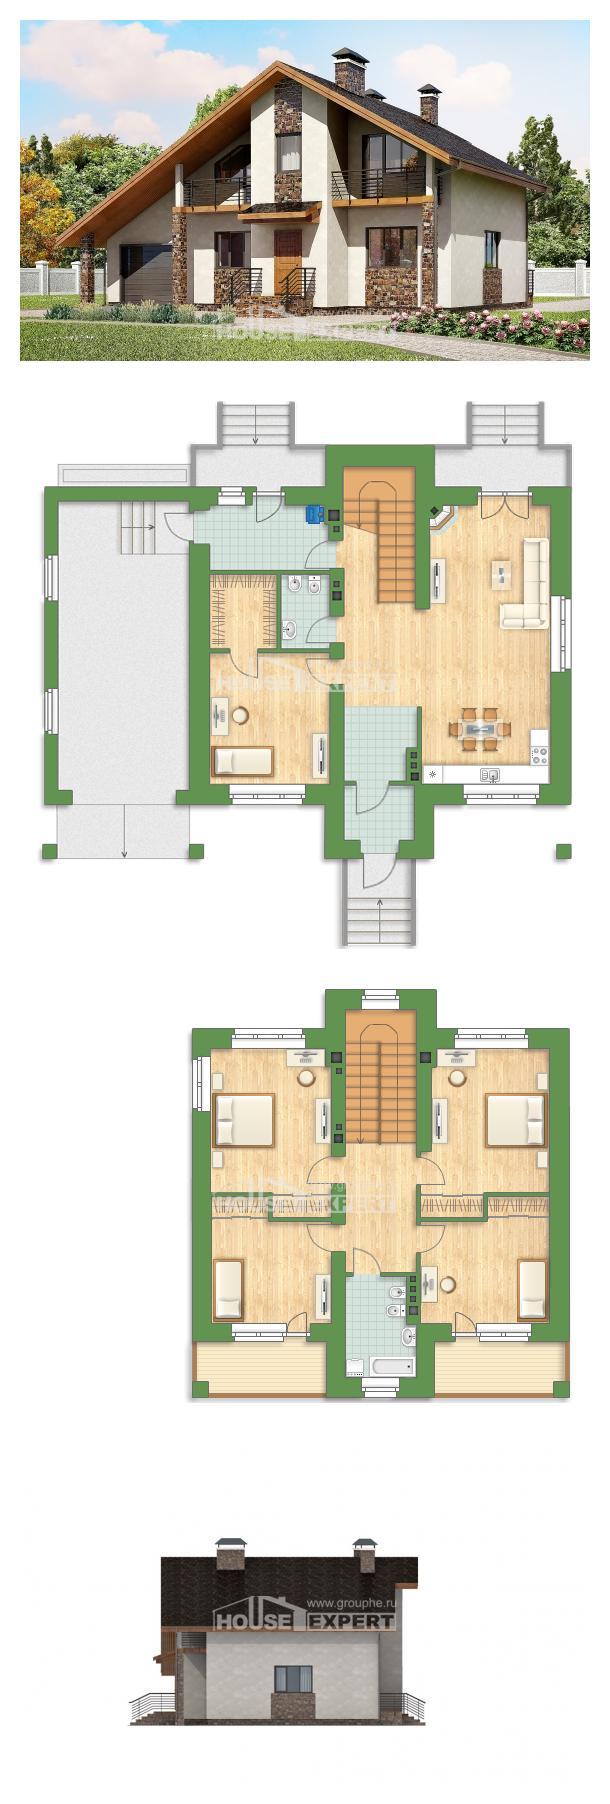 Проект на къща 180-008-L | House Expert